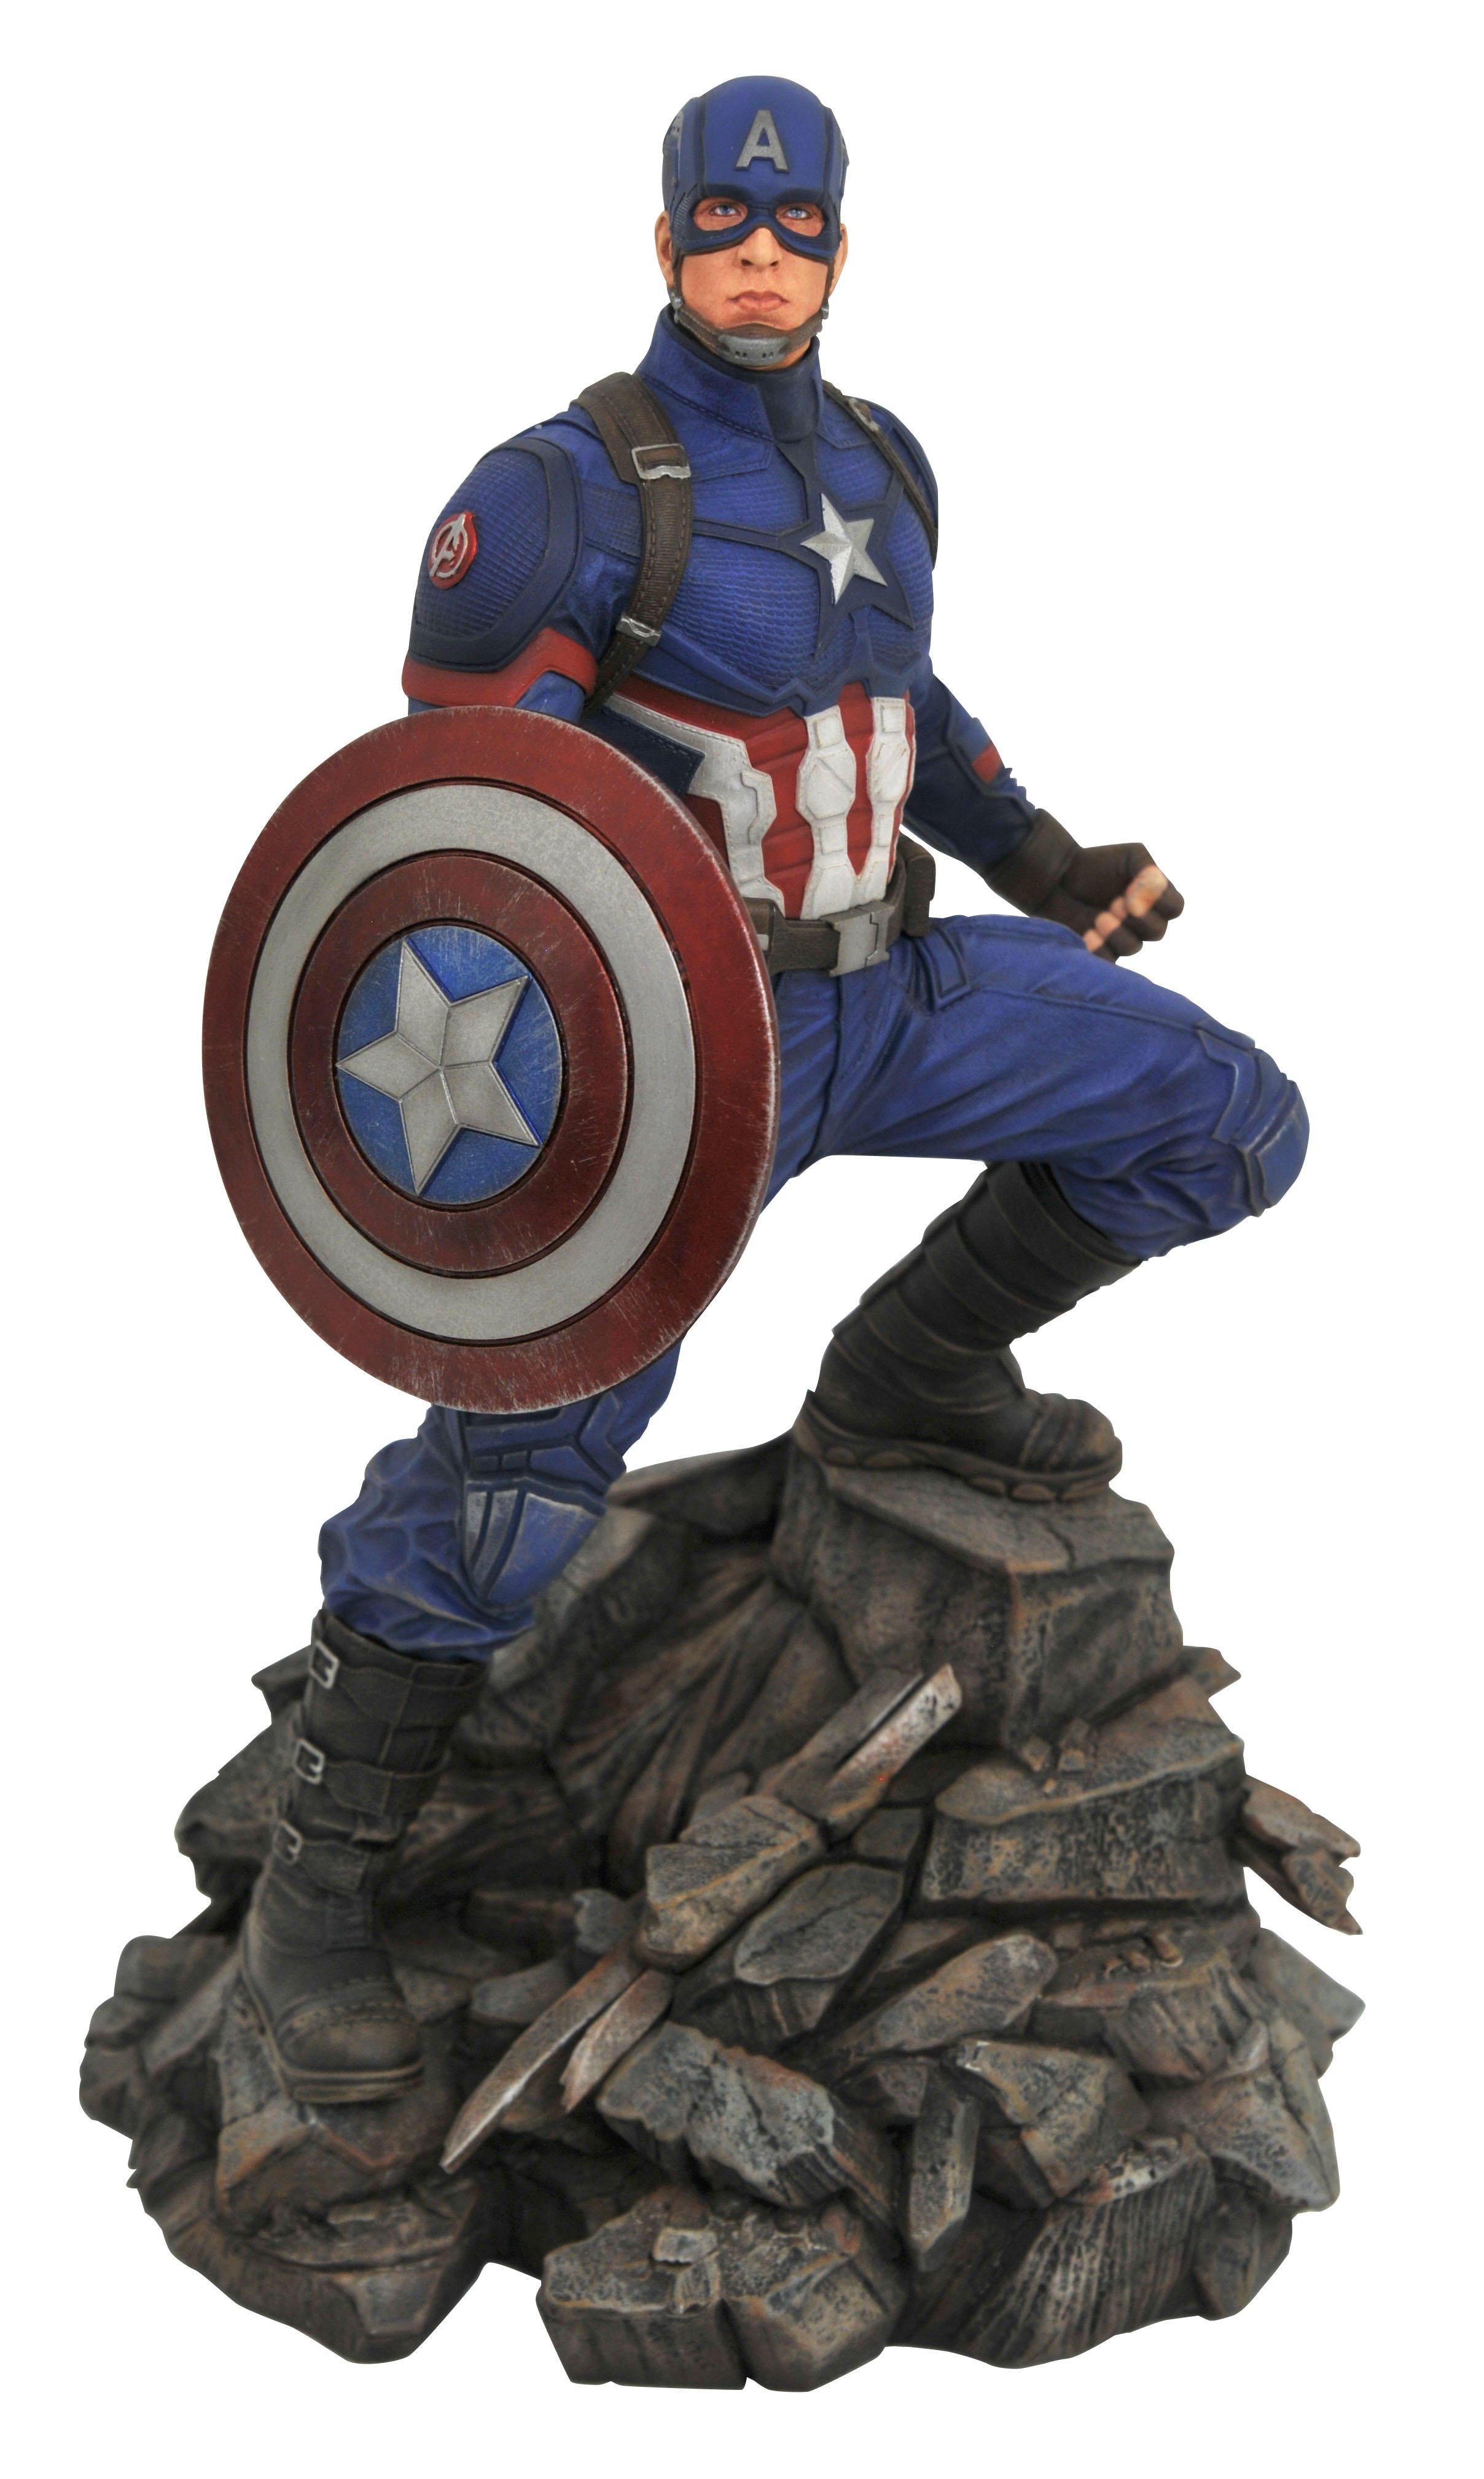 Avengers: Koniec gry - figurki kolekcjonerskie Diamond Select Toys